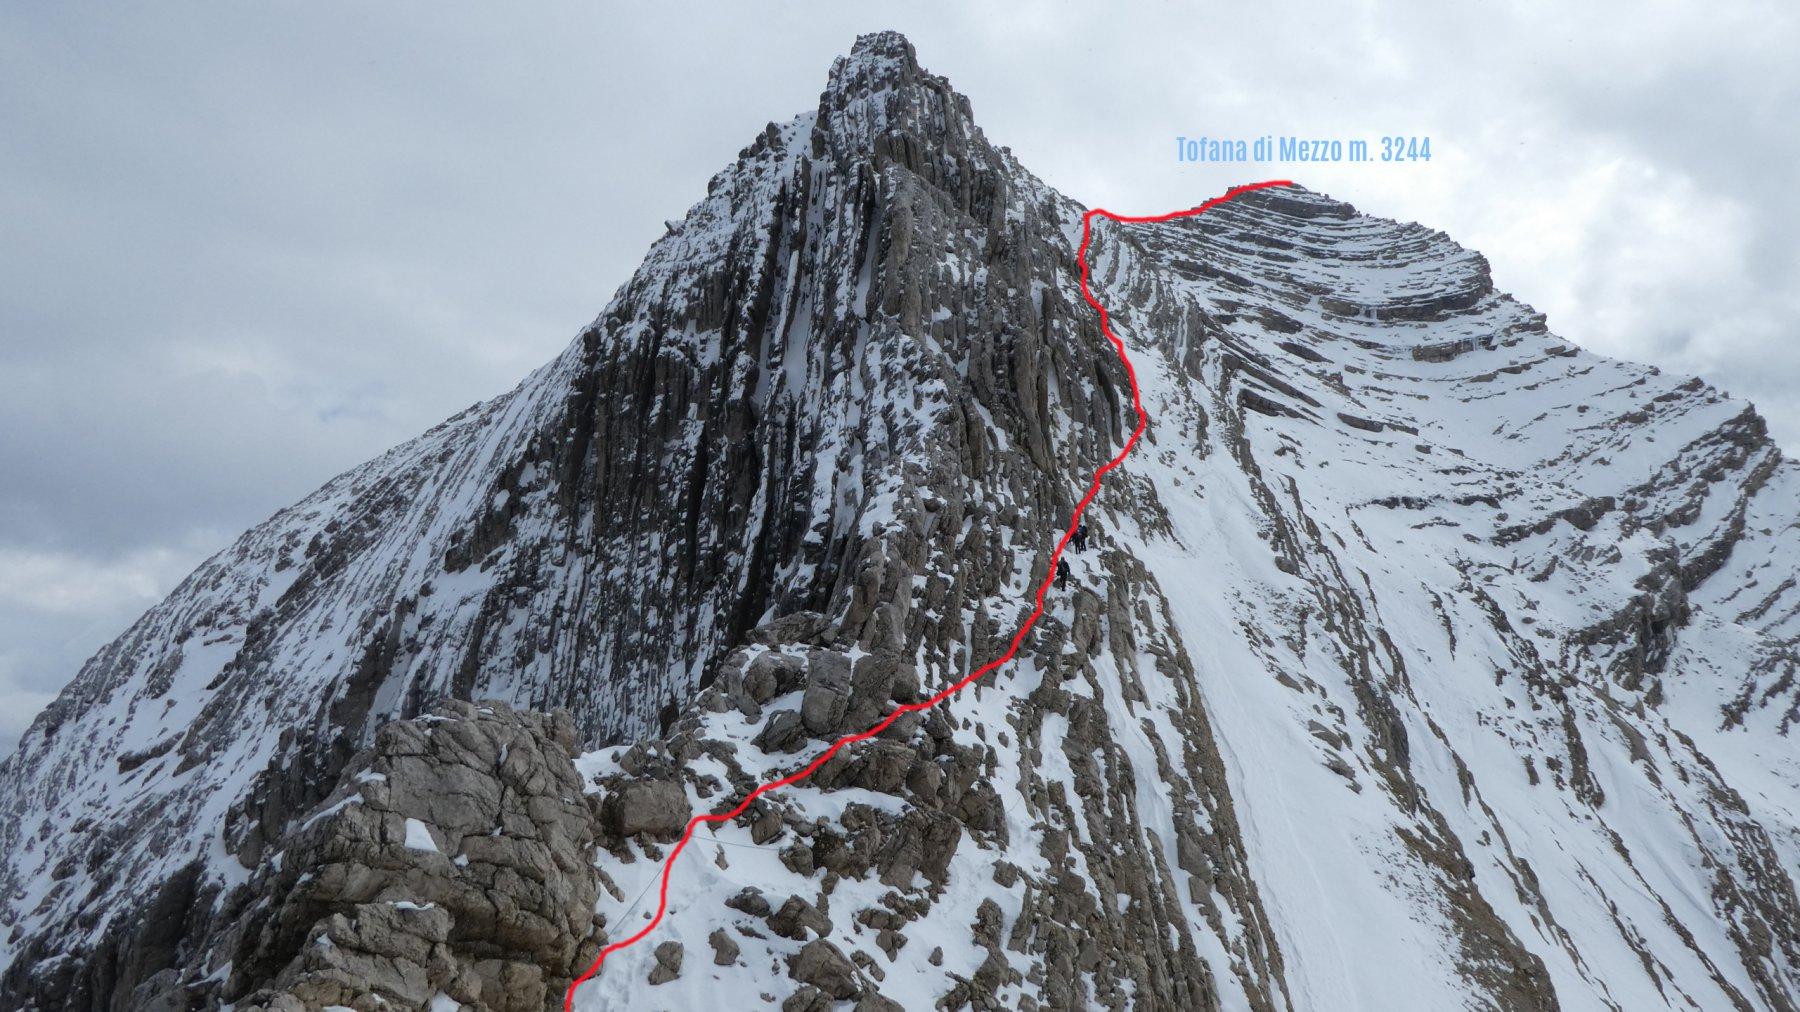 il percorso di salita alla Tofana di Dentro visto dalla Forcella di quota 3088 m